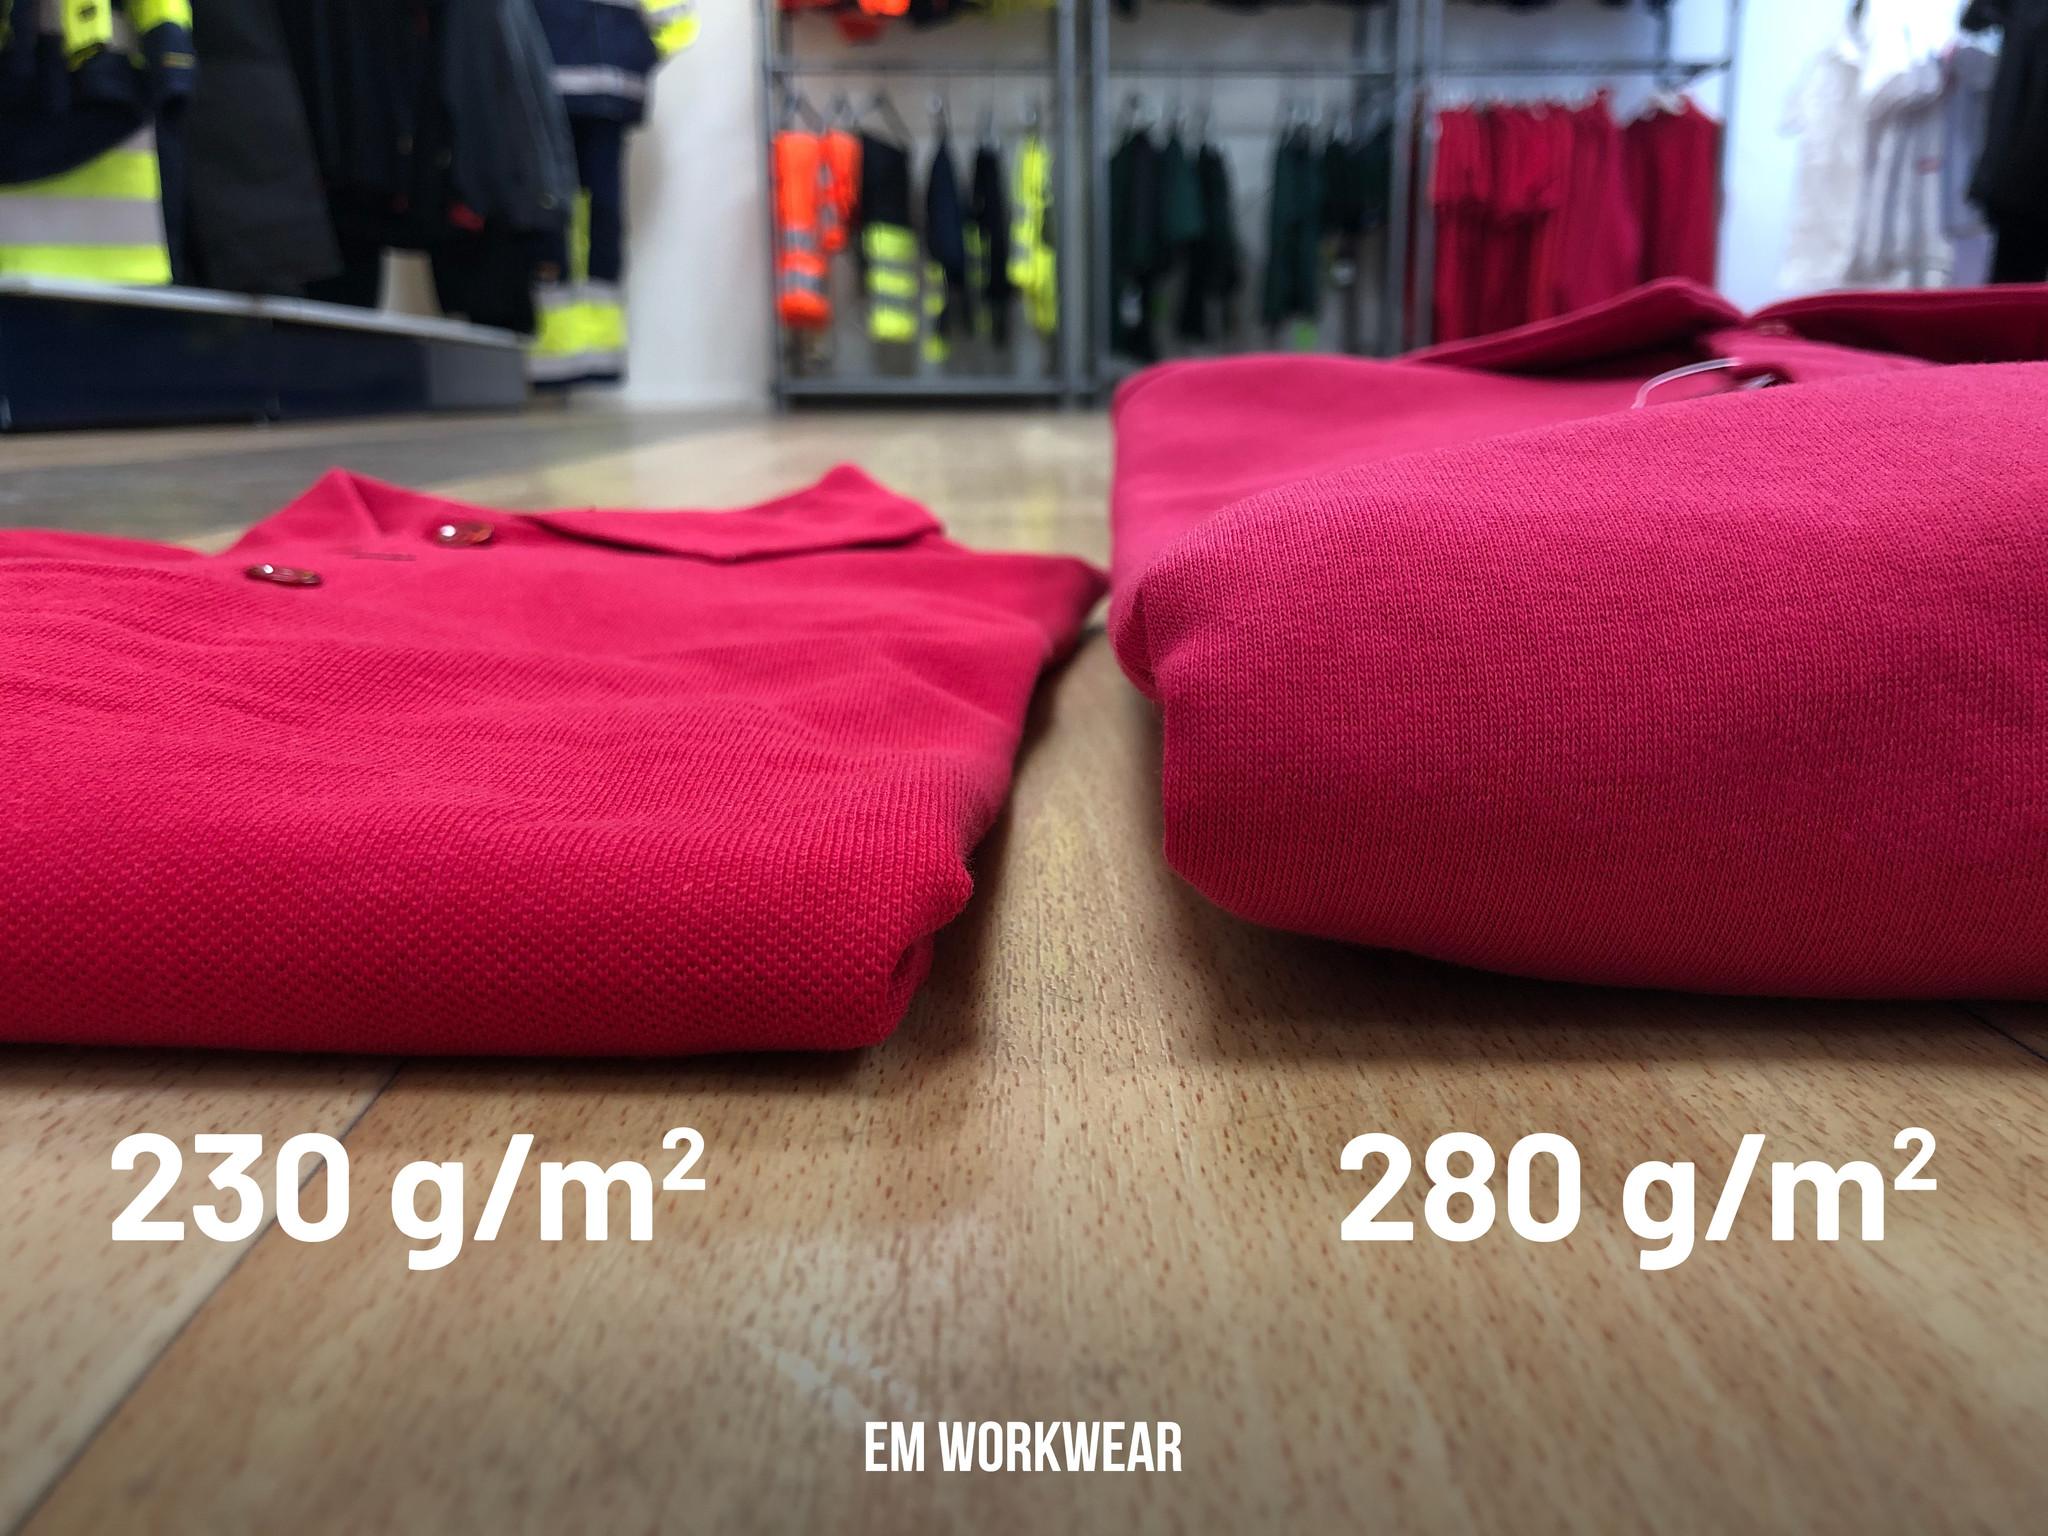 Aantal grammen bij werkkleding vergelijking